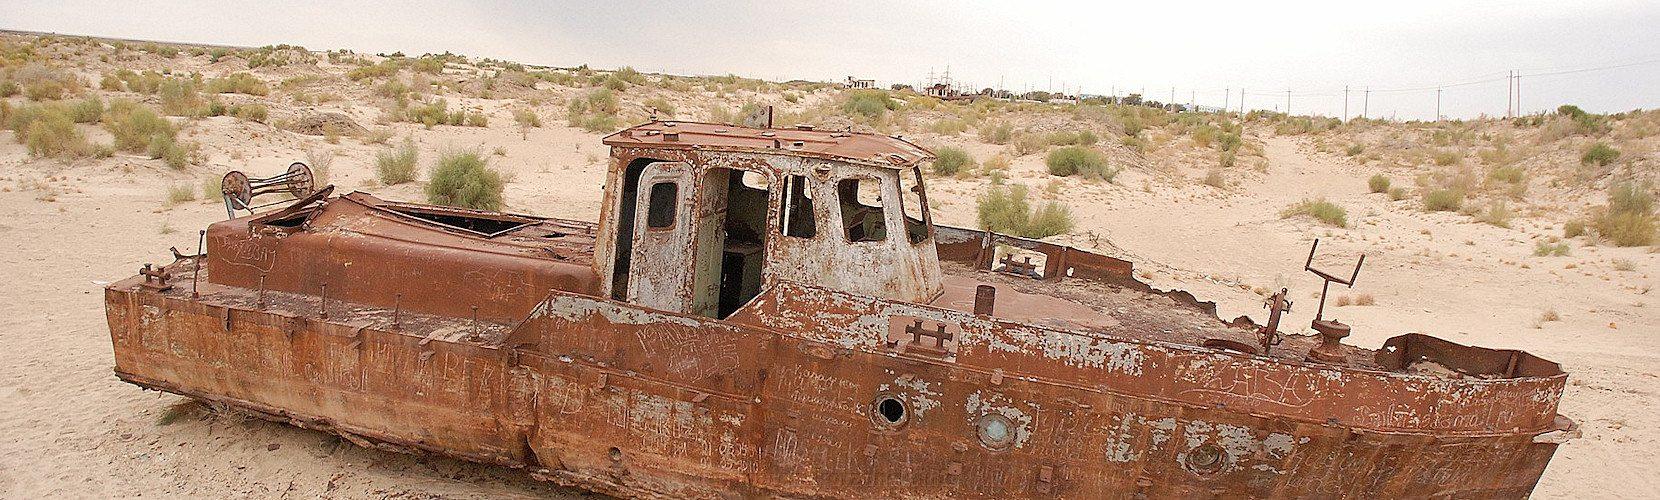 Aral-Kum